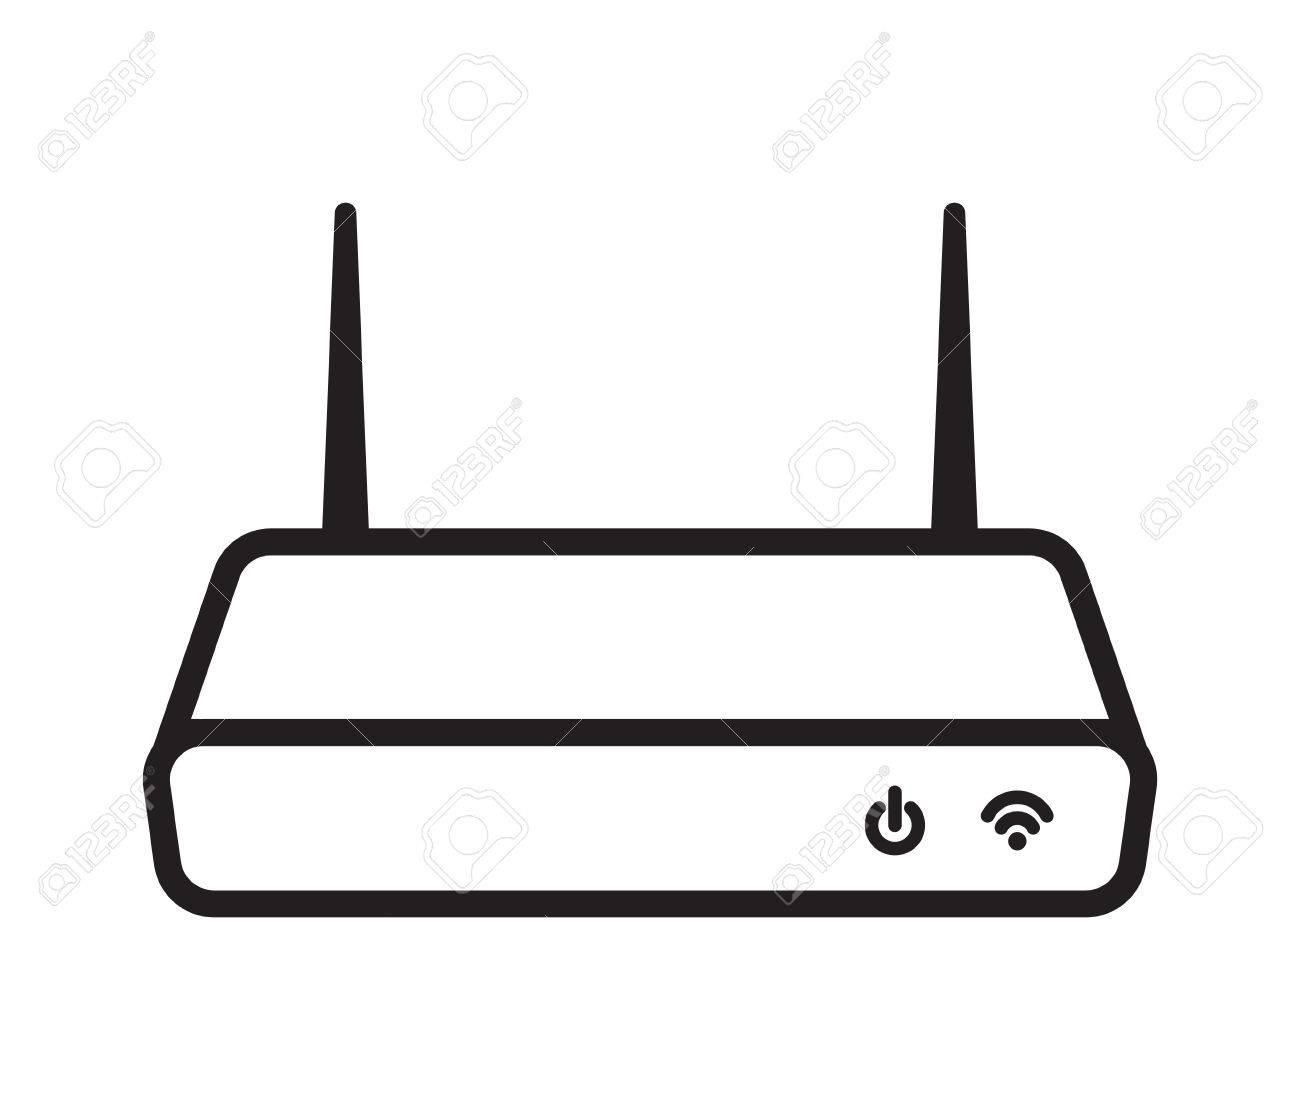 Router Módem Wifi Ilustraciones Vectoriales, Clip Art Vectorizado ...